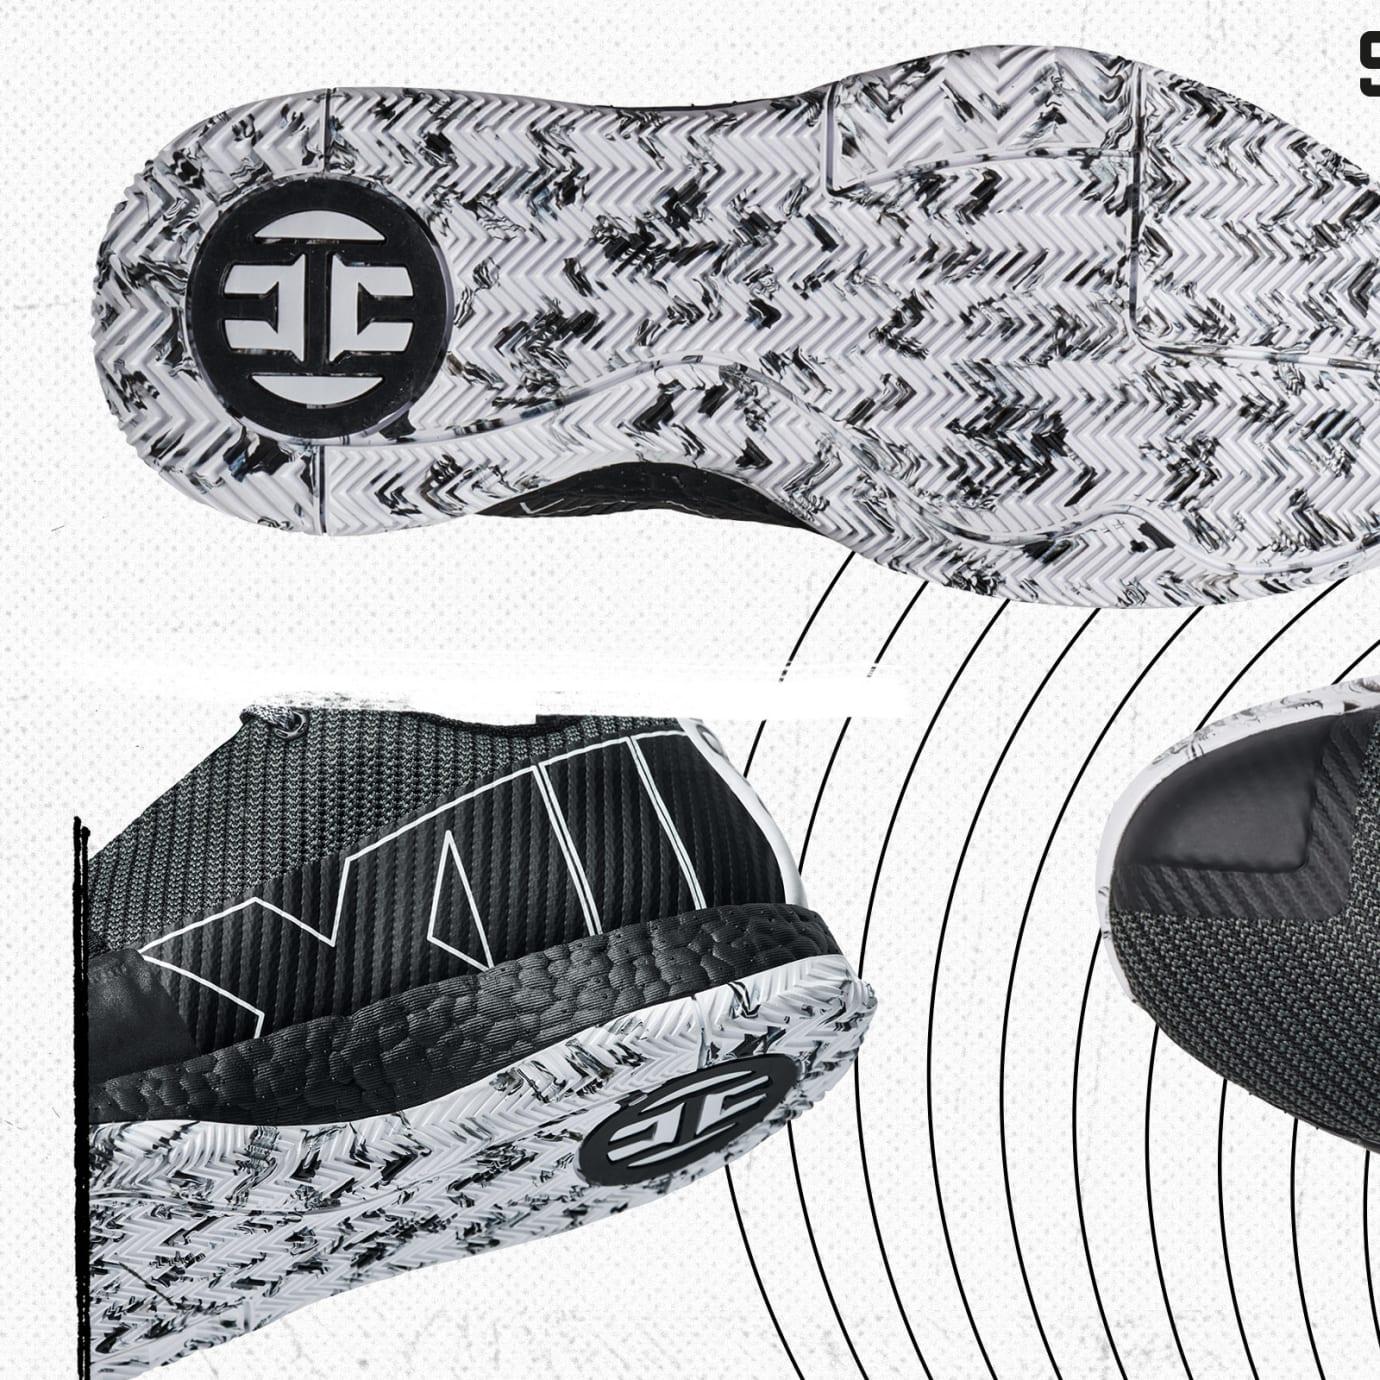 Adidas Harden Vol. 3 'Cosmos' (Detail)